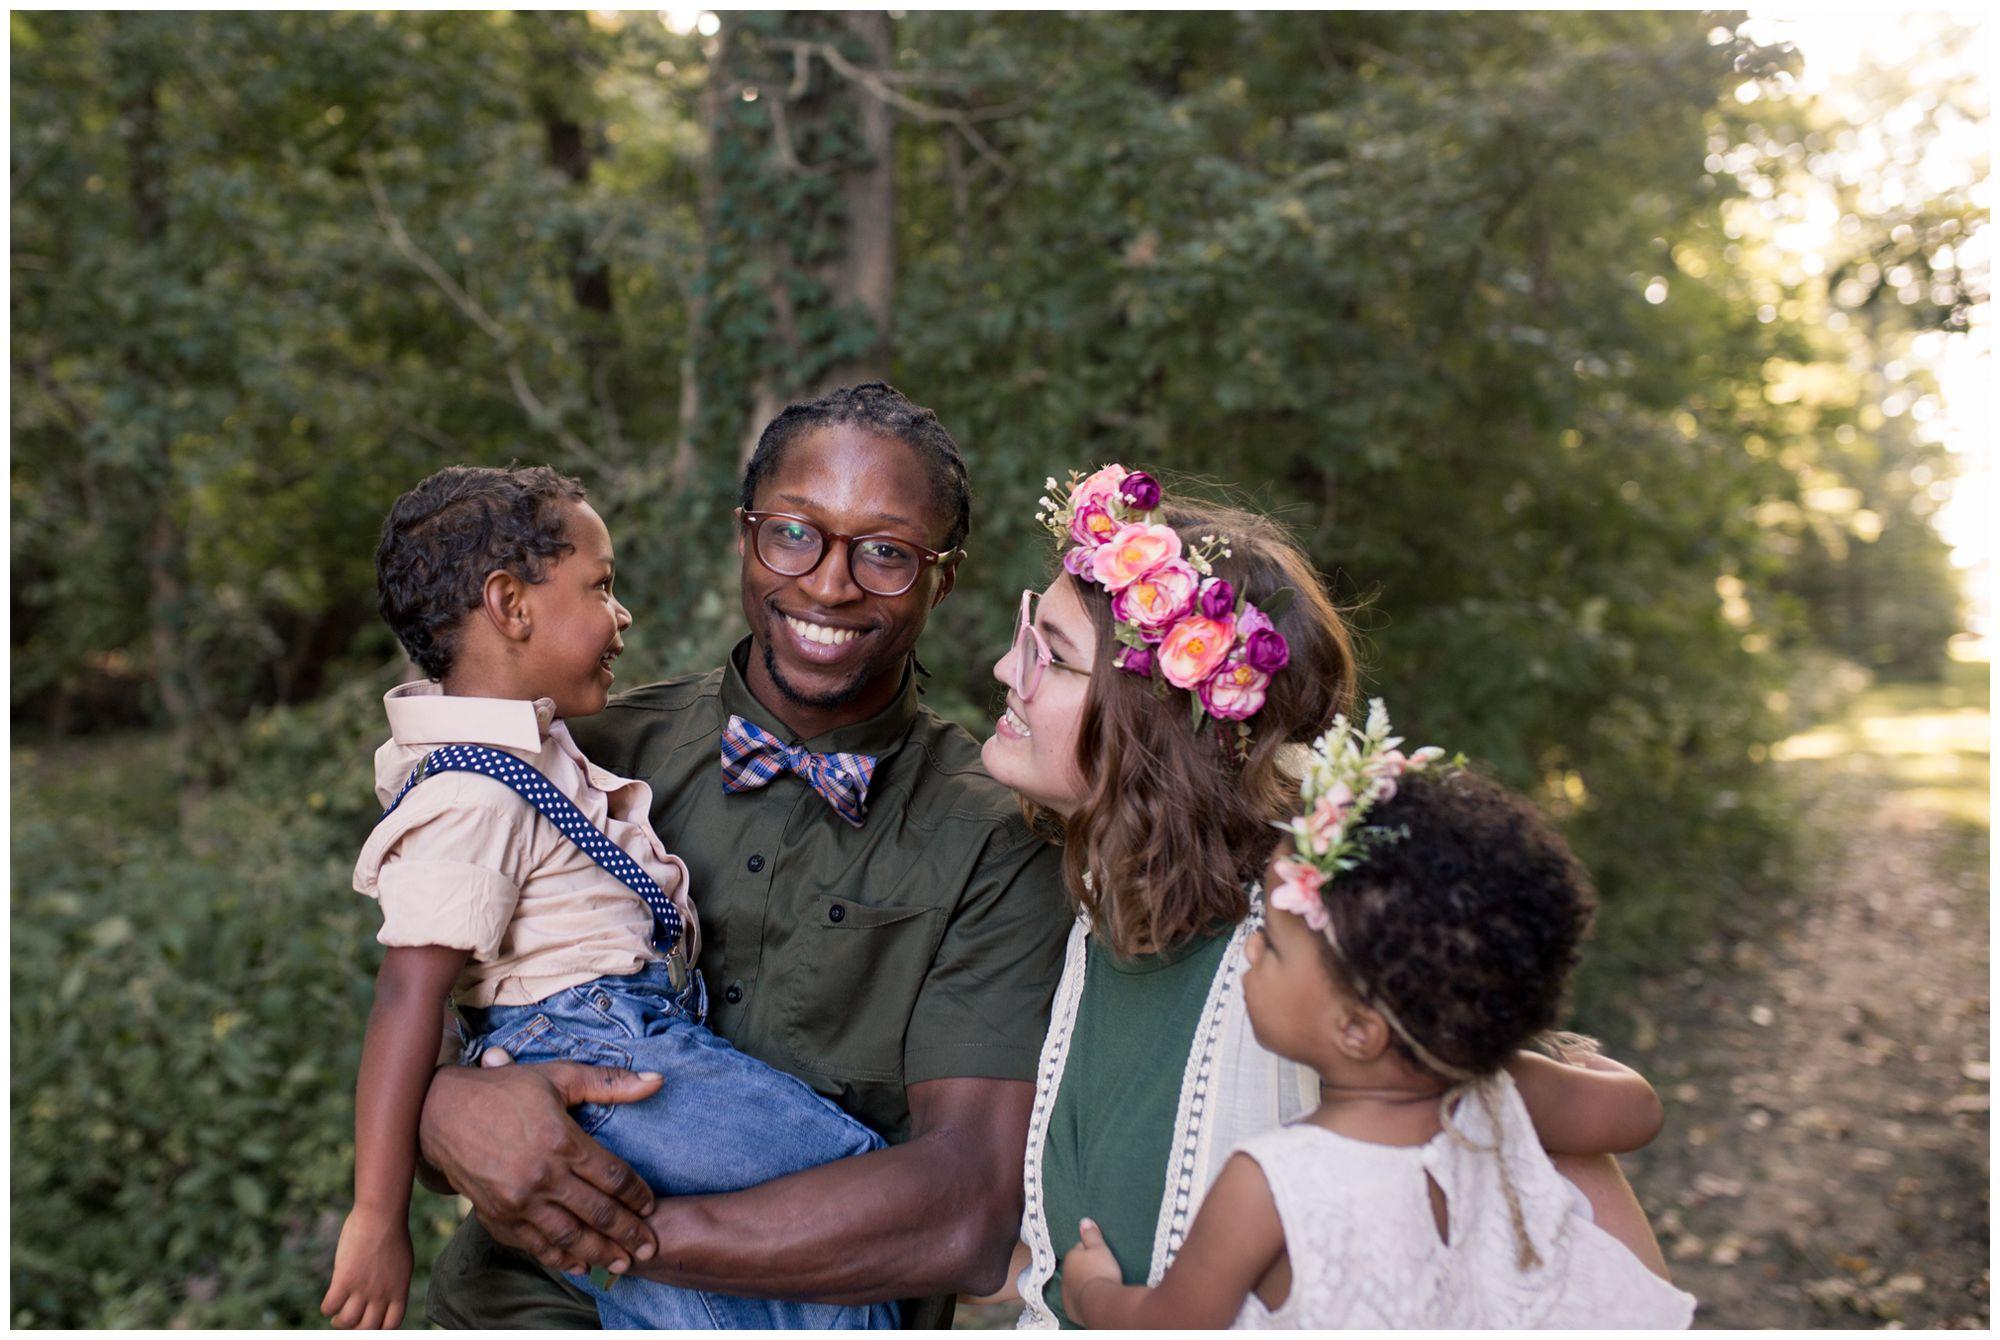 mom smiling at son during Kokomo family session at Jackson Morrow Park